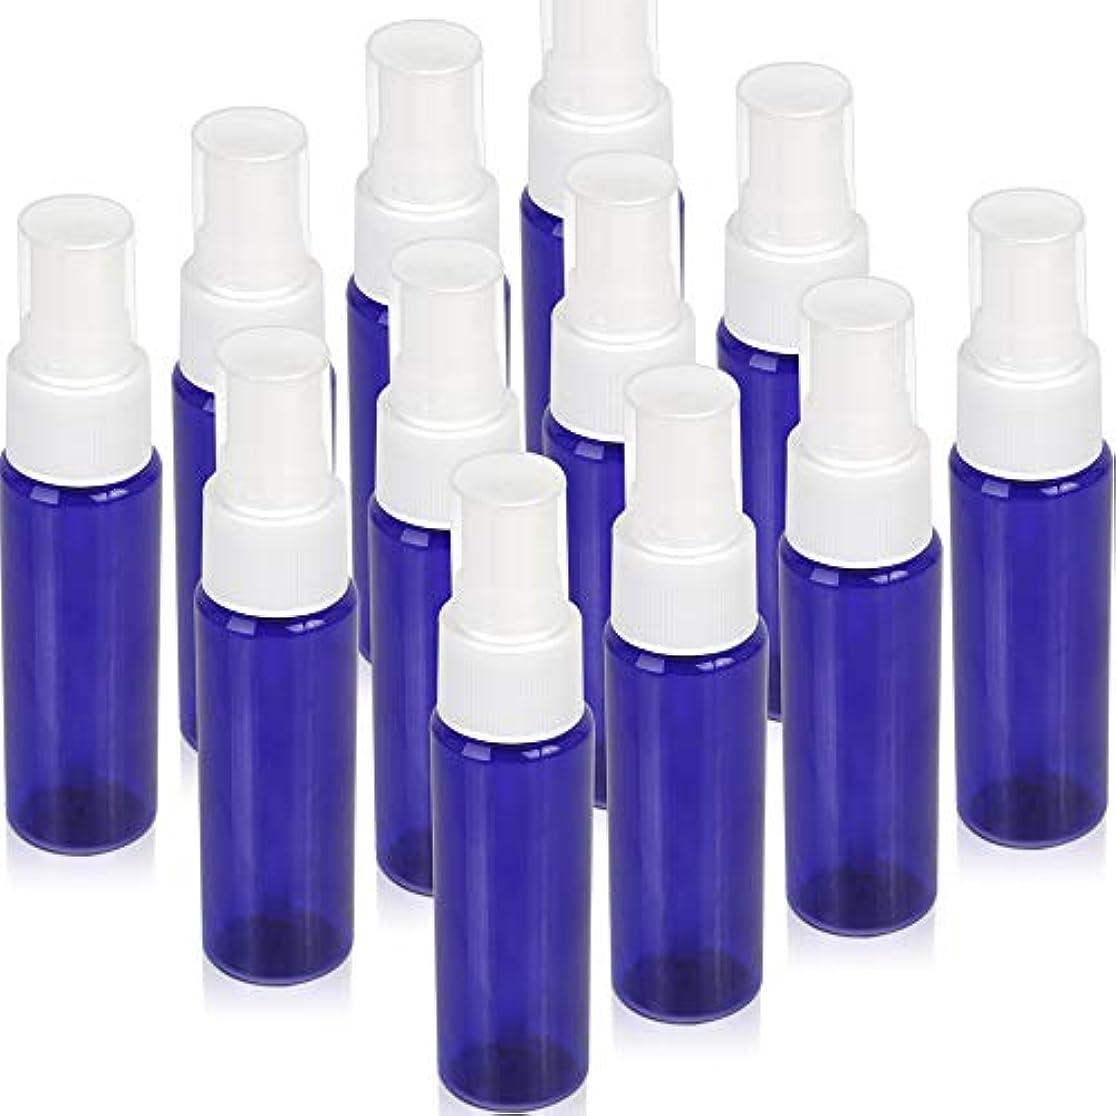 空気を通して放つTeenitor スプレーボトル 30ml 12本 霧吹き アトマイザー スプレー容器 アロマスプレー 香水スプレー 詰め替え容器 キャップ付 青色 PET製